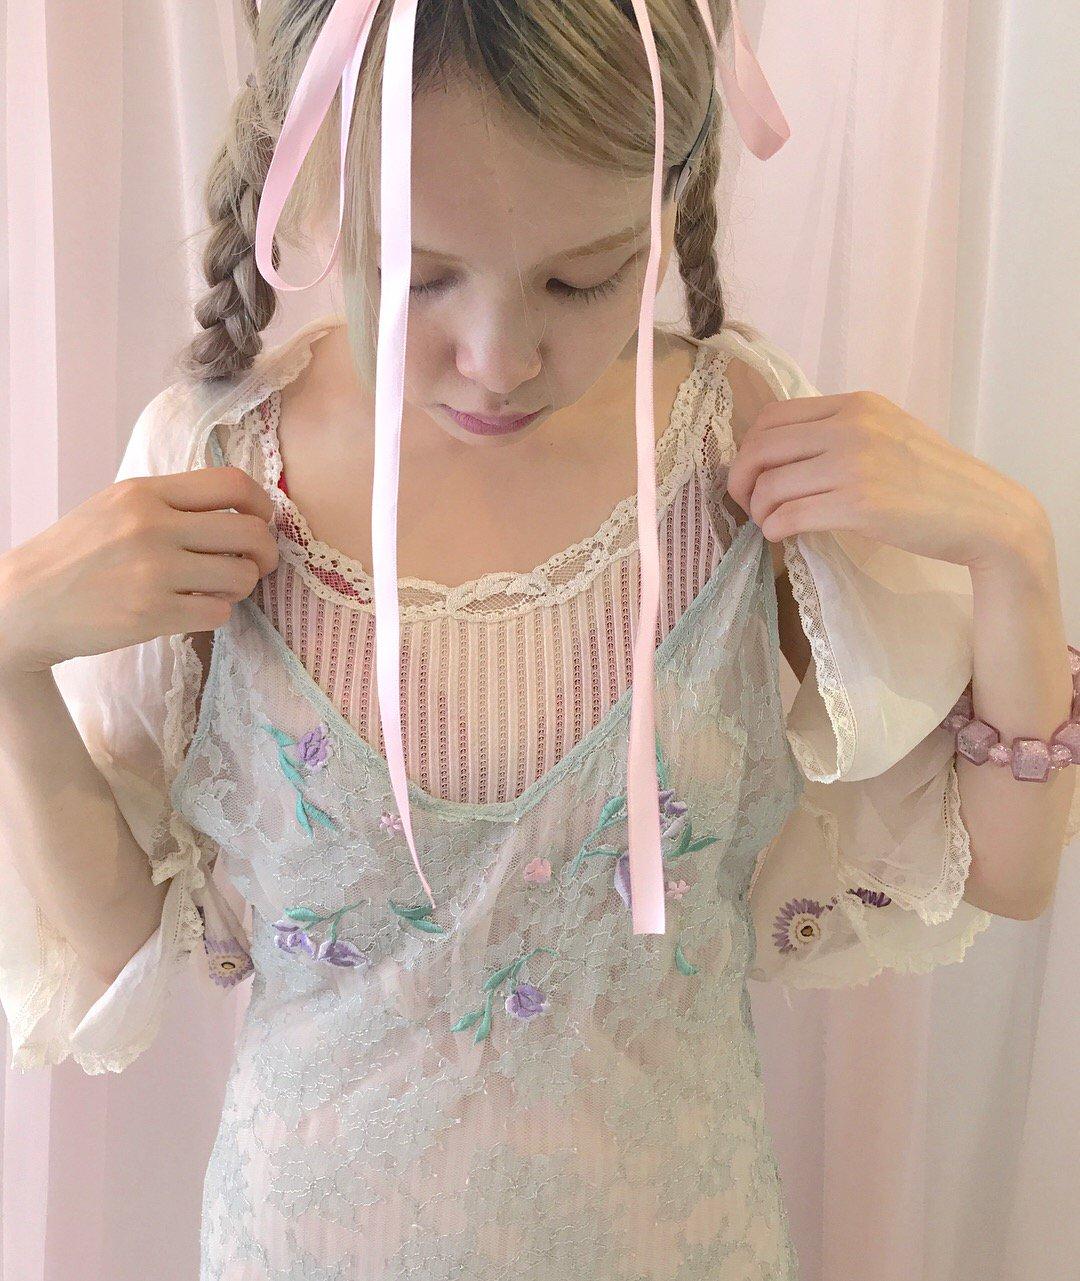 mint. pink. lace lingerie